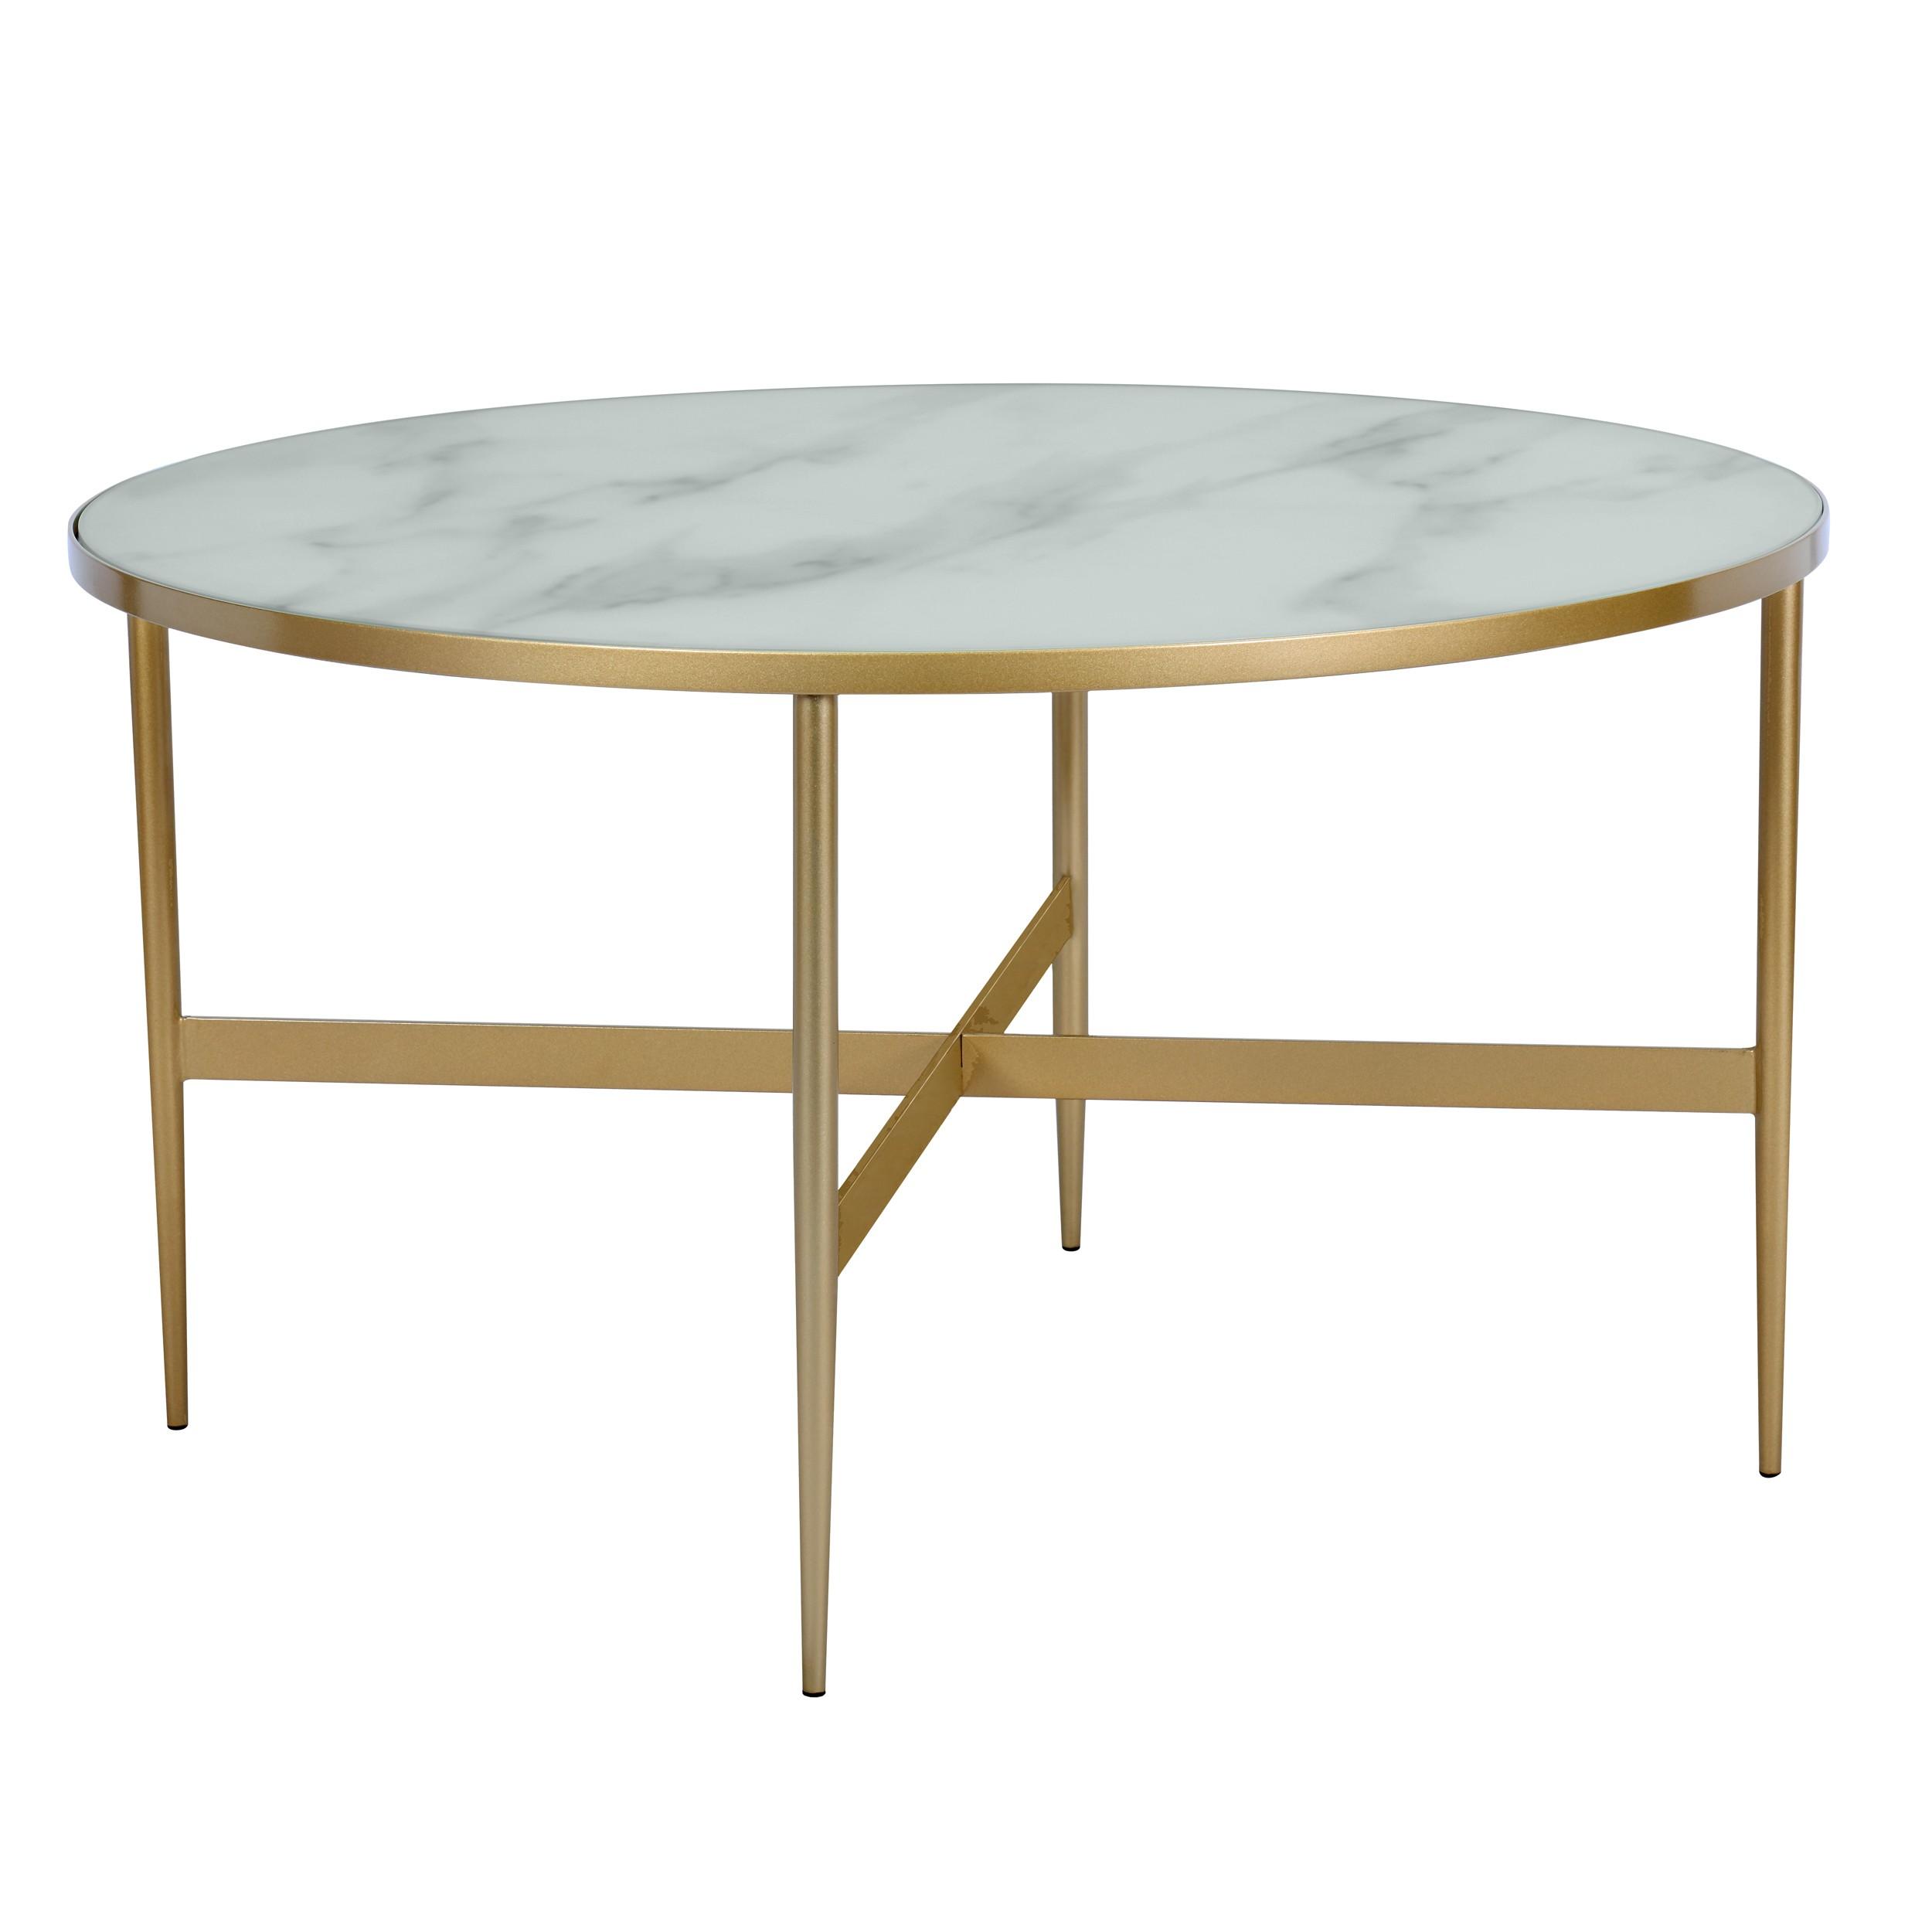 Table basse ronde Alaska en verre effet marbre et laiton ∅ 80 cm